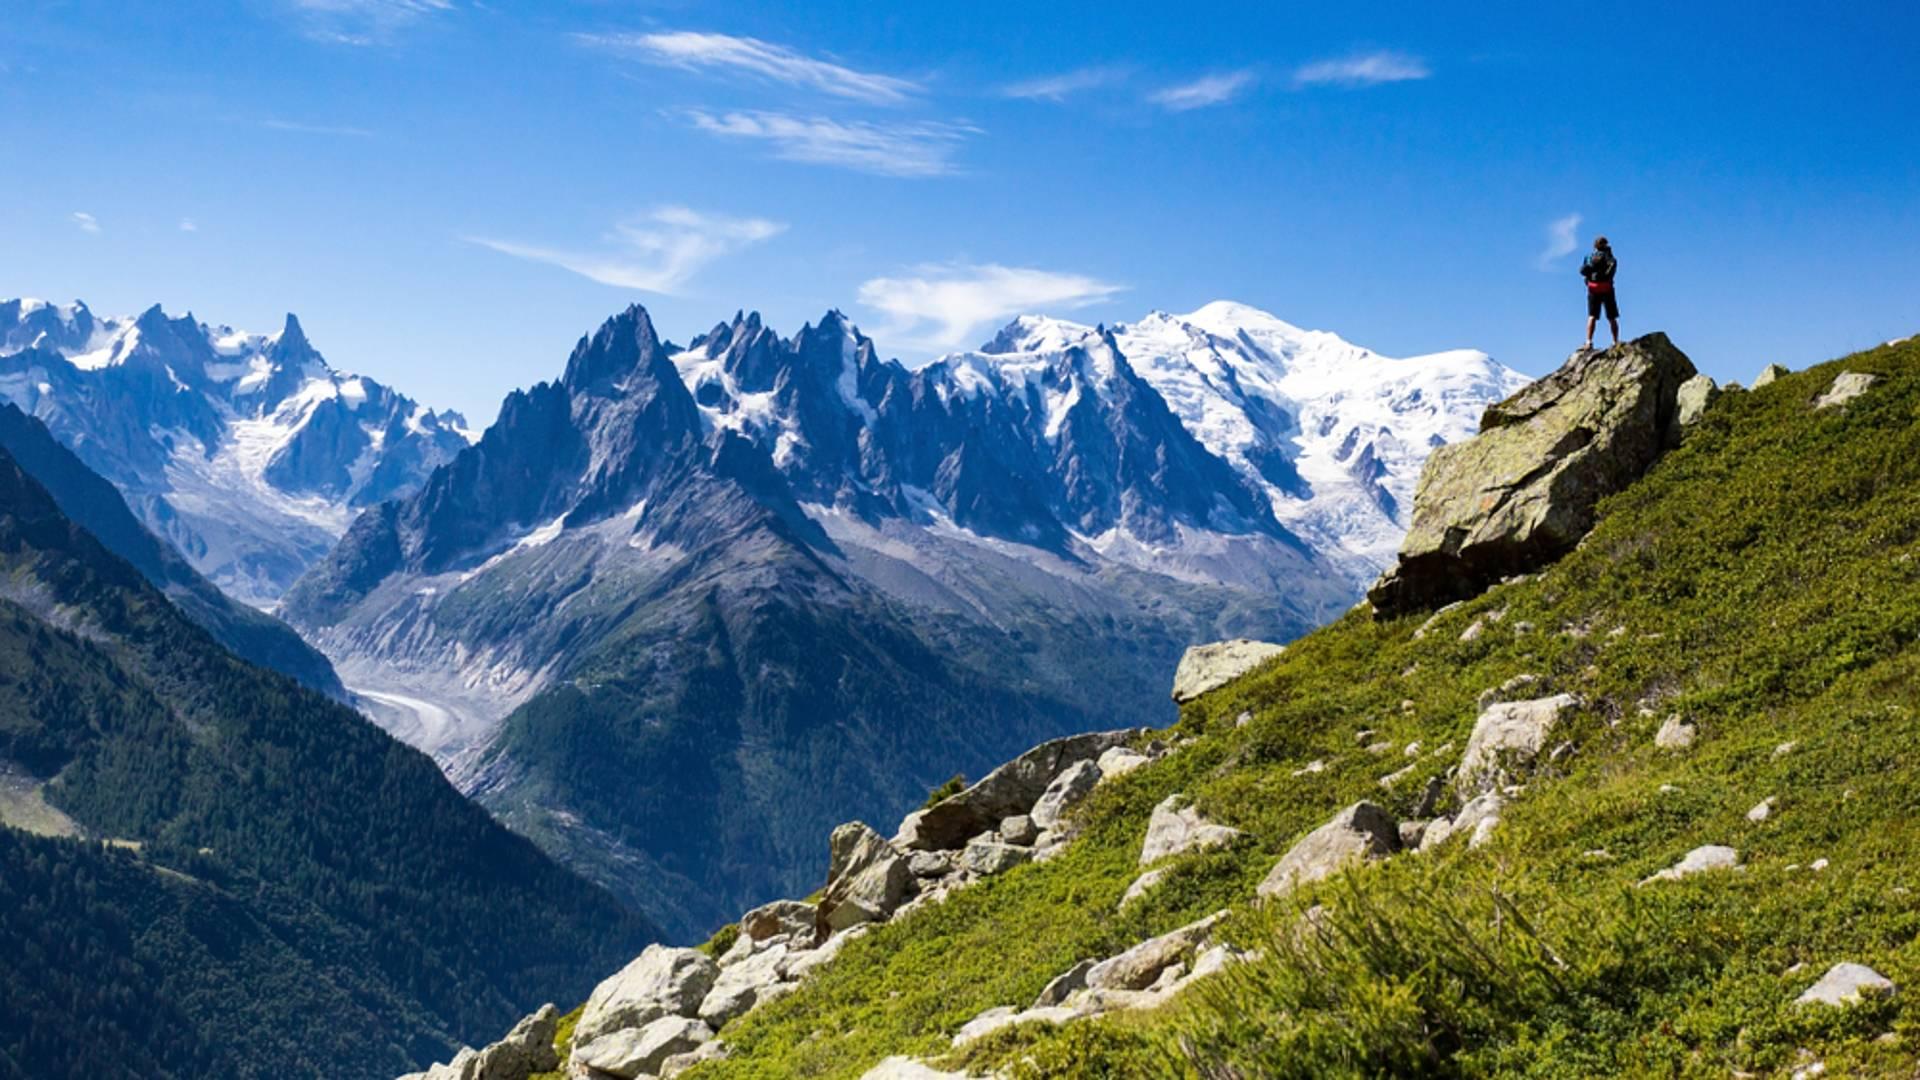 Le mythique tour du Mont Blanc en liberté